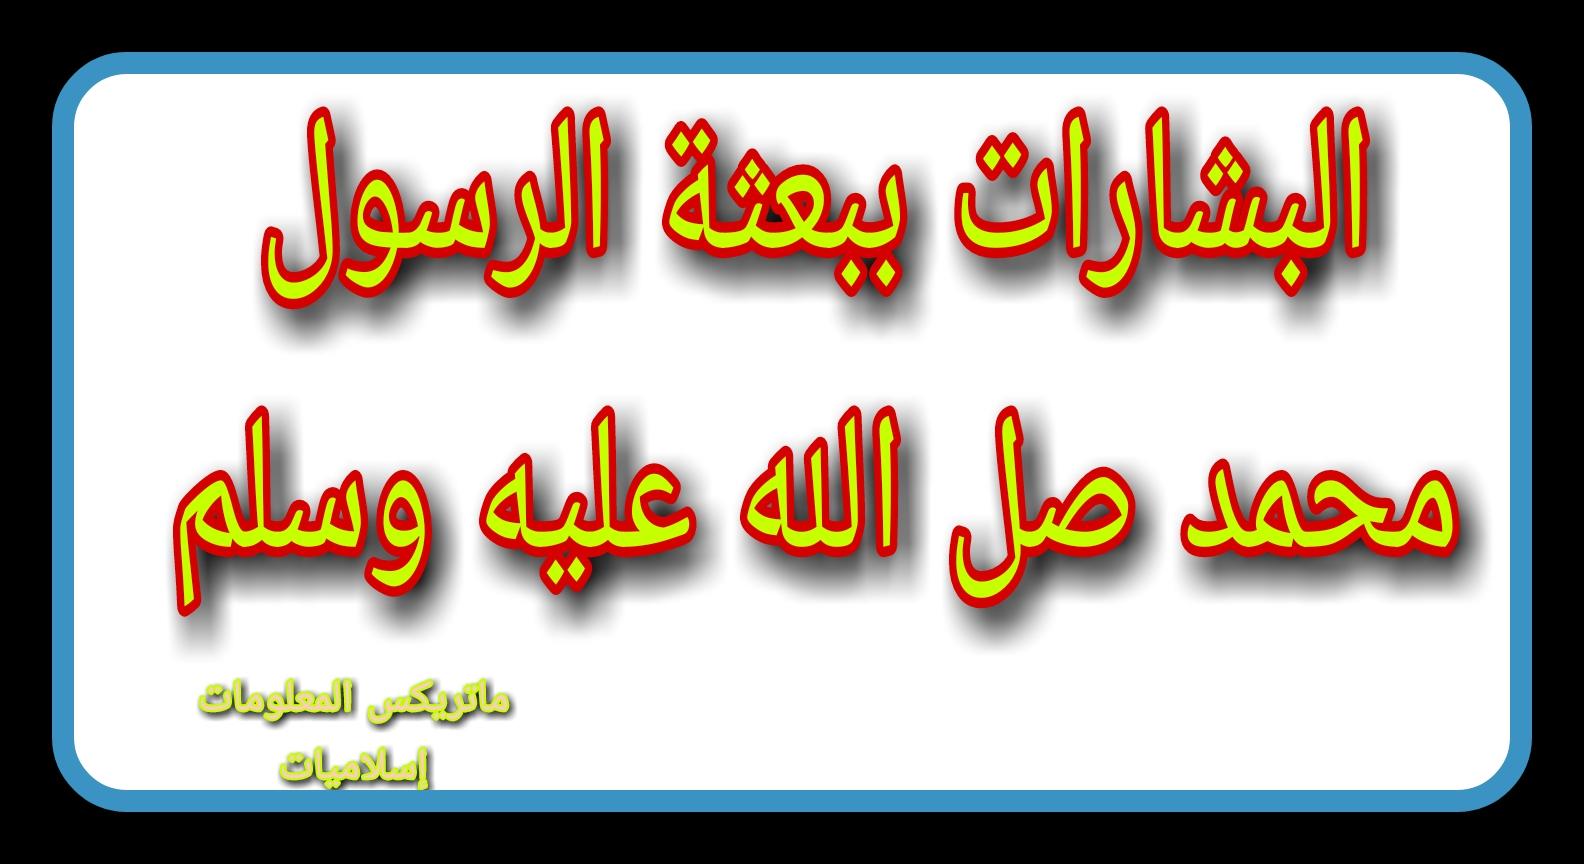 البشارات بالنبي محمد في الكتاب المقدس   ما هي البشارات ببعثة الرسول محمد